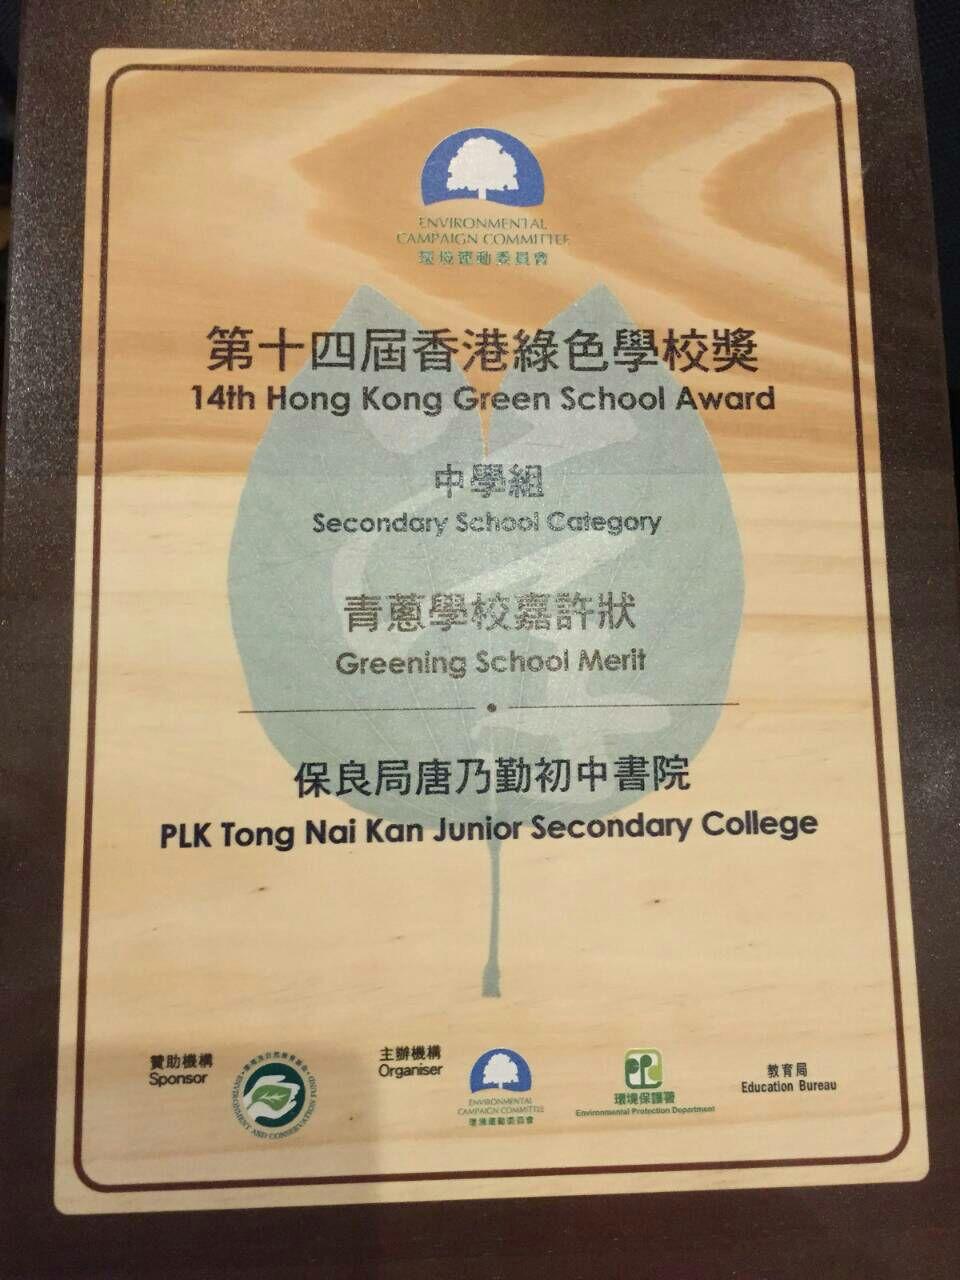 Greening School Merit